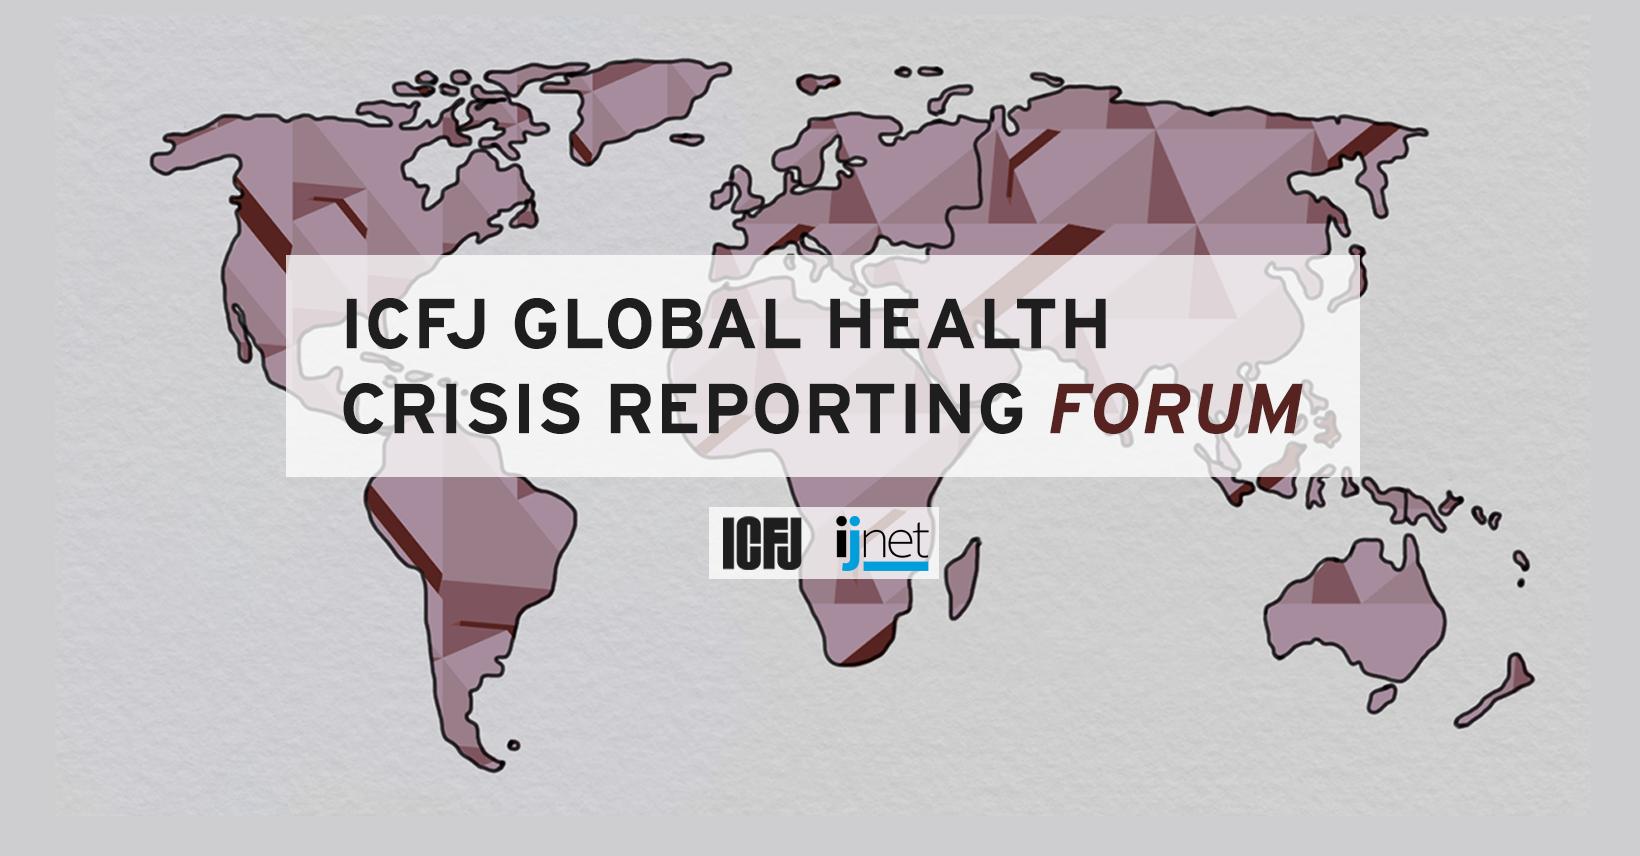 ICFJ Forum